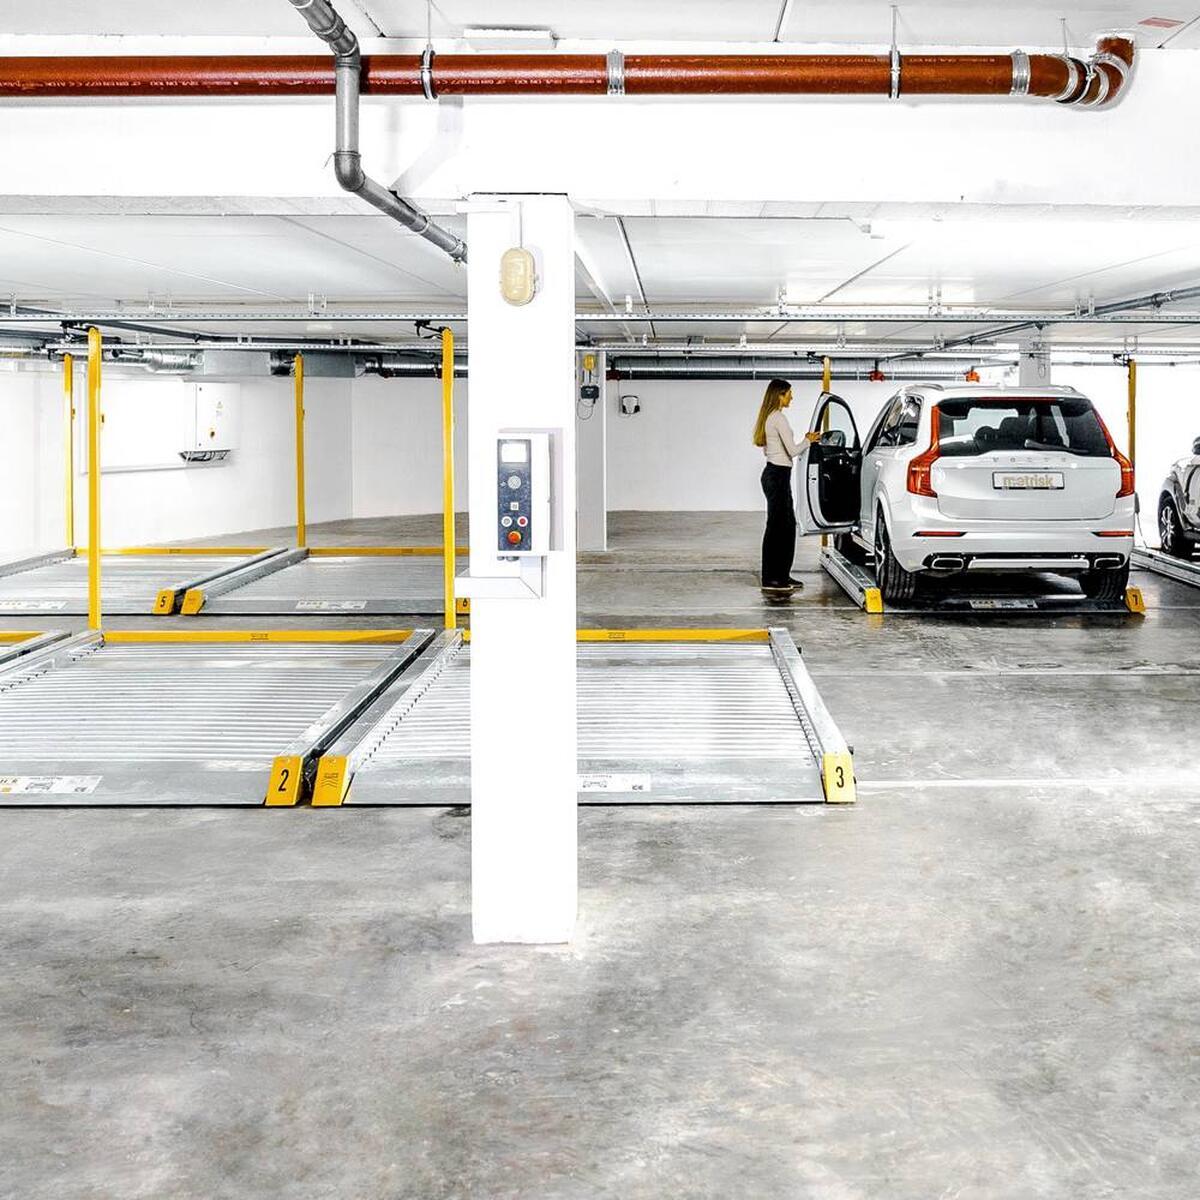 piattaforma di parcheggio traslante